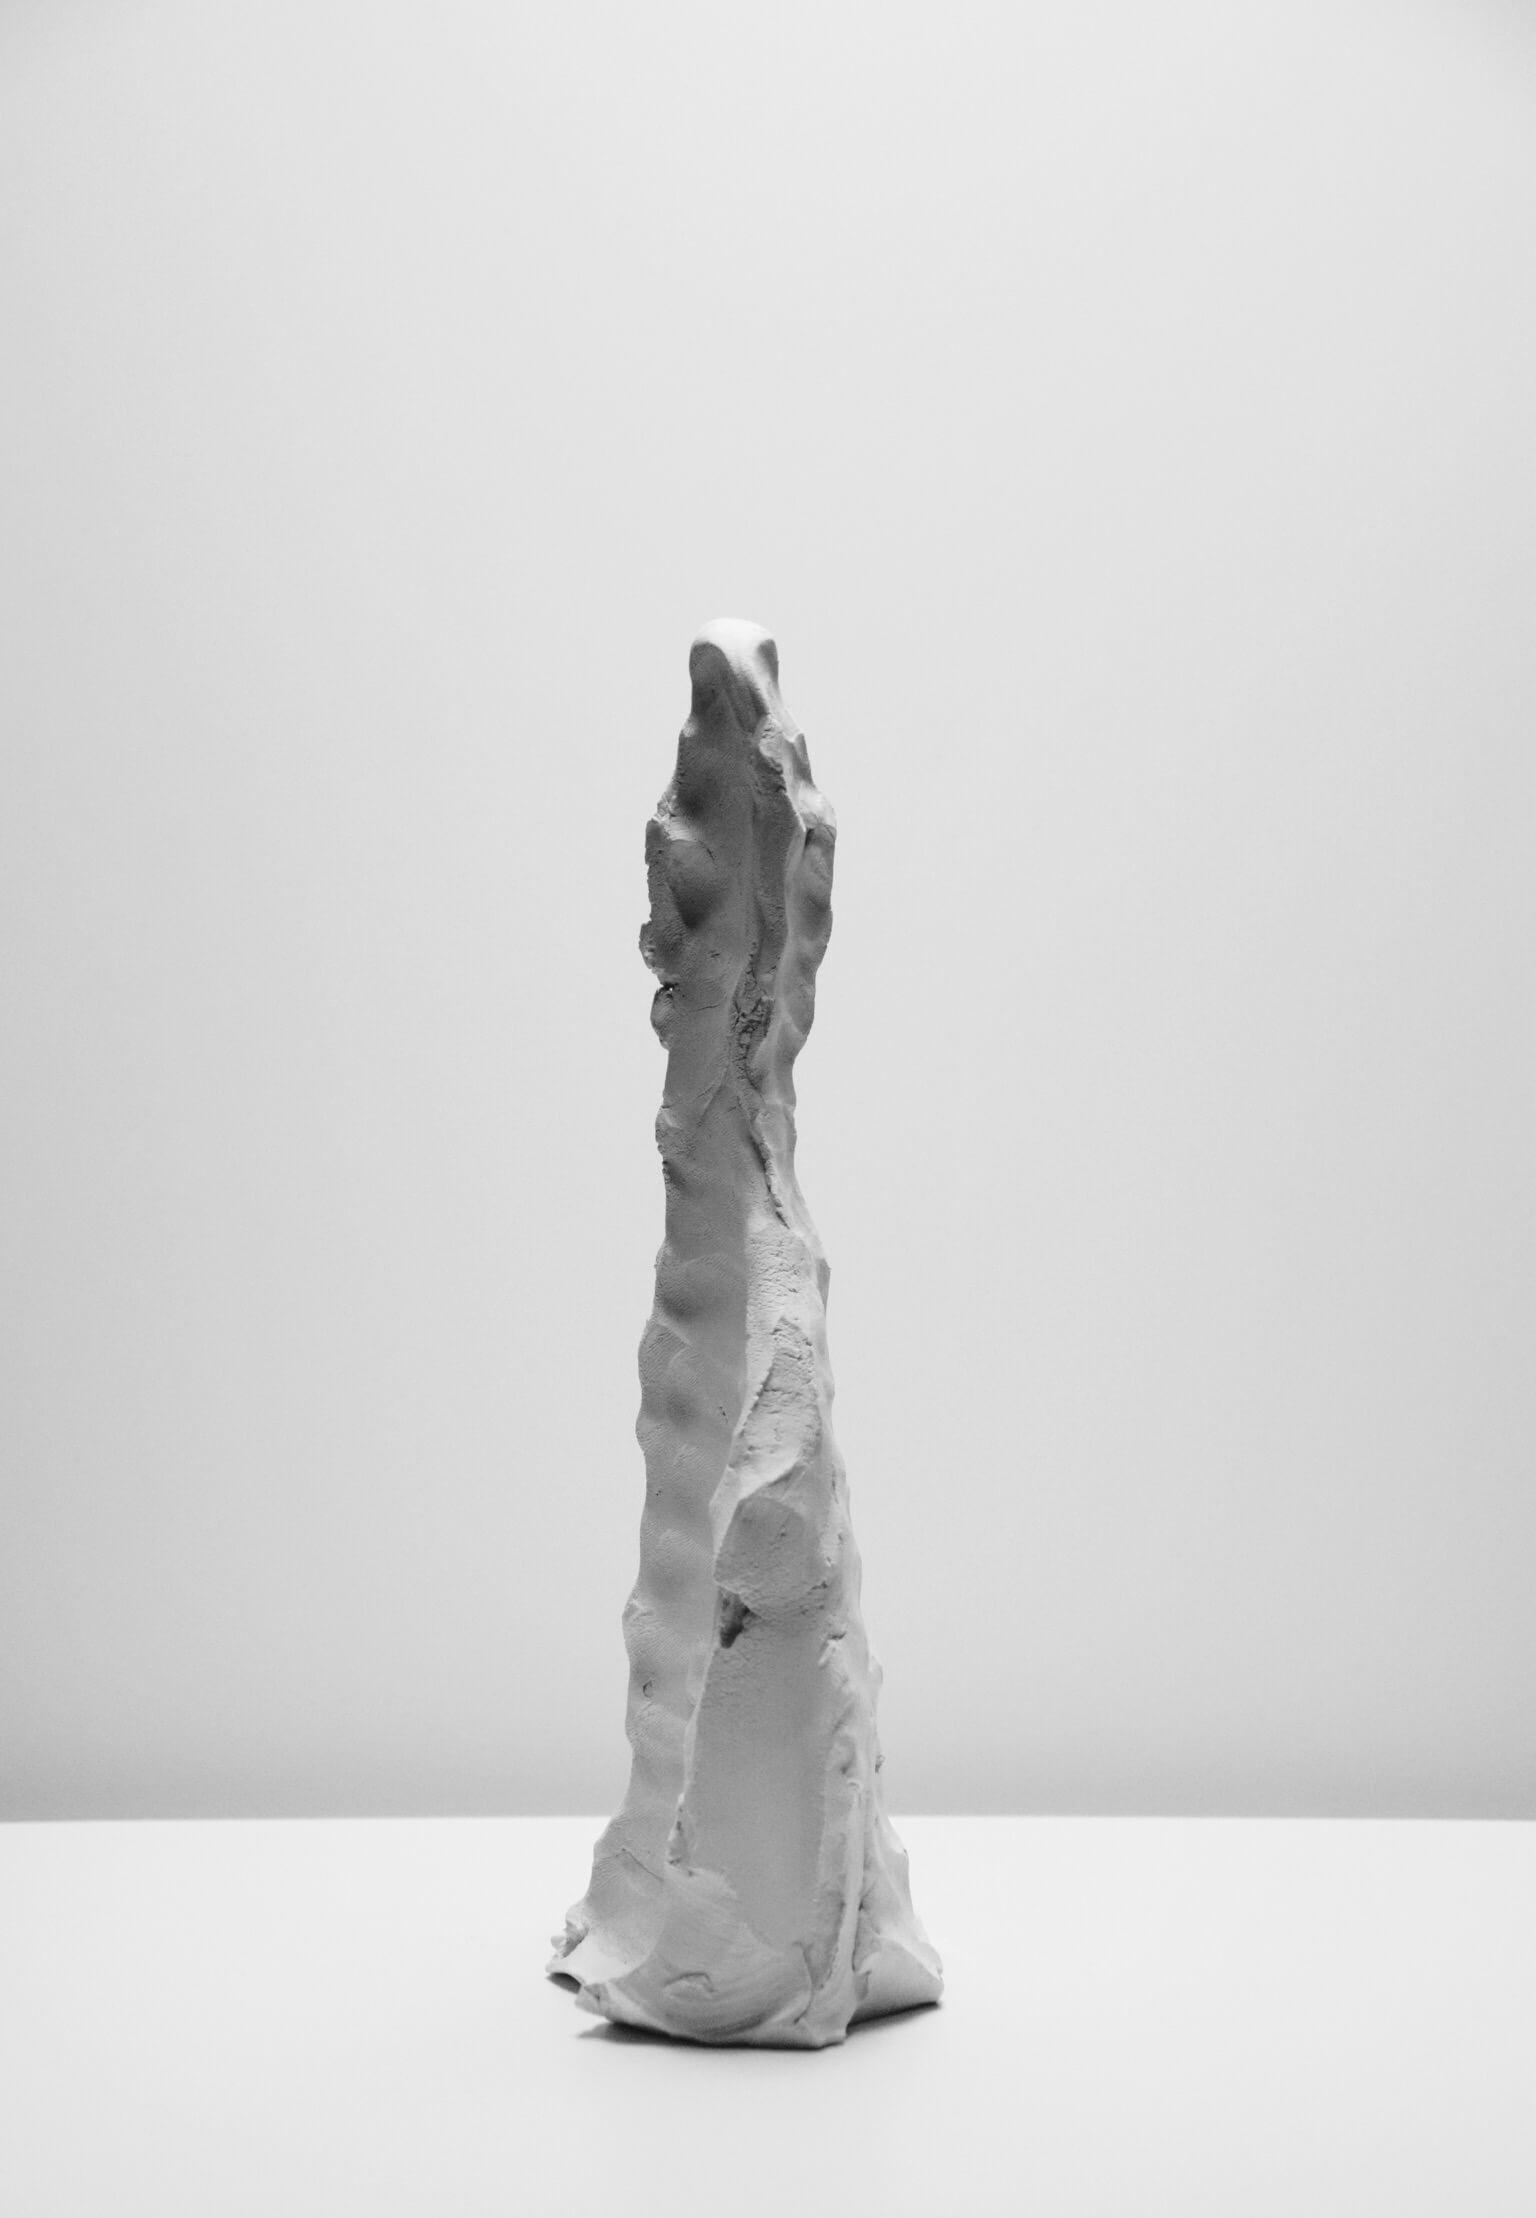 Federico Branchetti - Sculture - Figura che respira, terracotta 2017